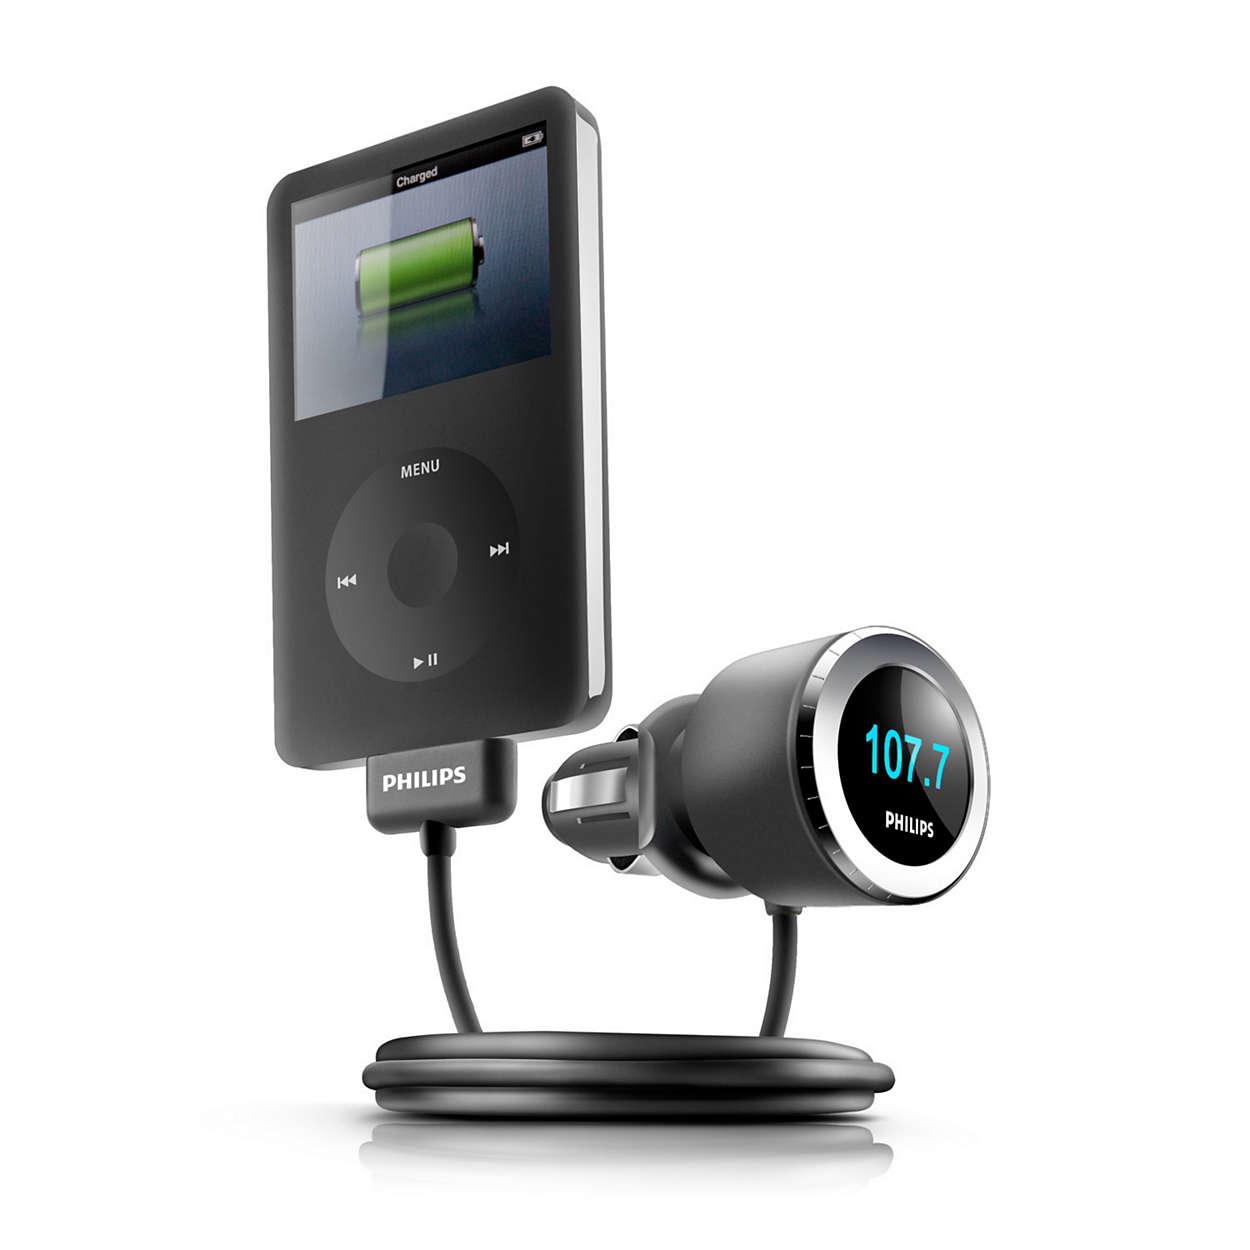 Възпроизвеждане и зареждане на iPod в колата